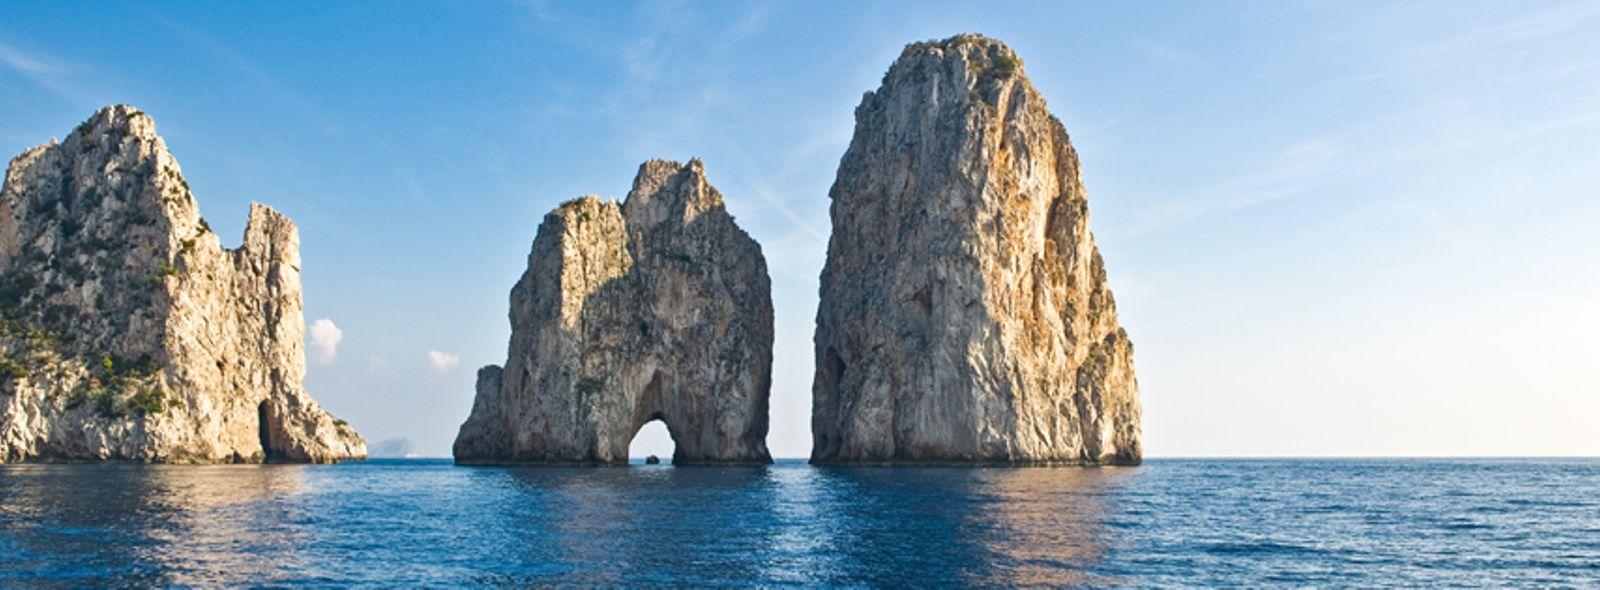 Faraglioni di Capri leggenda